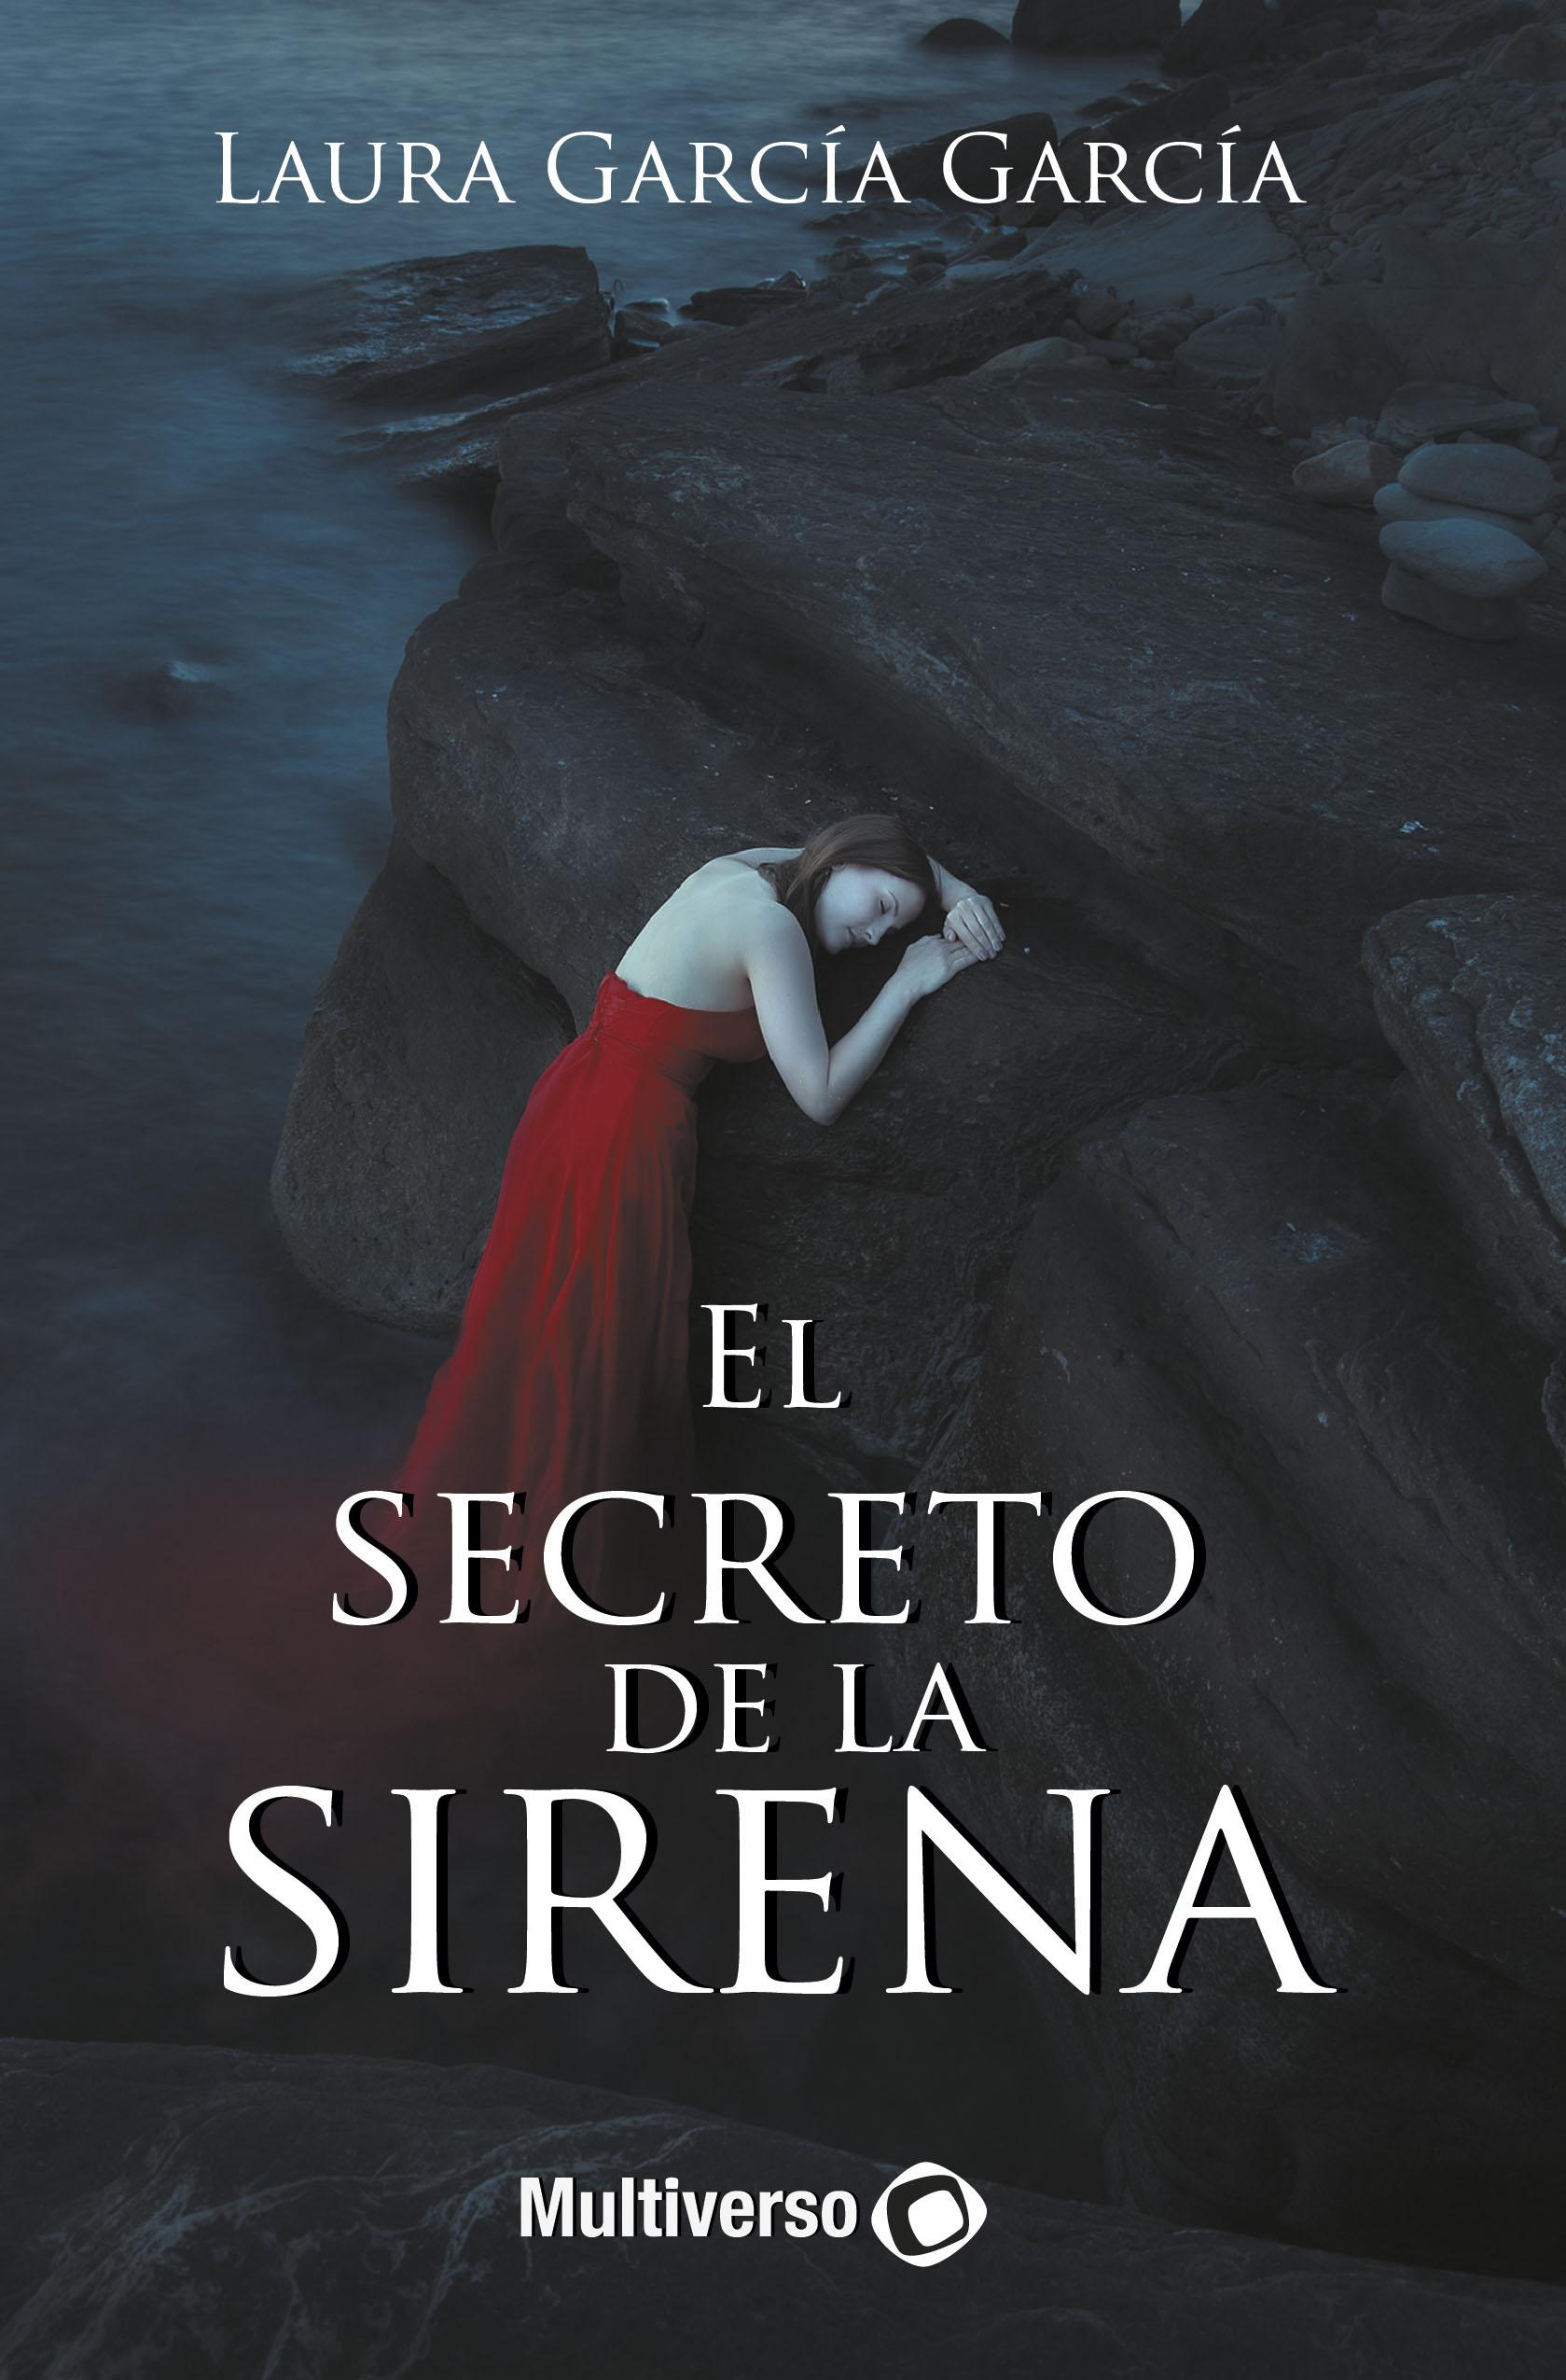 El Secreto de la Sirena